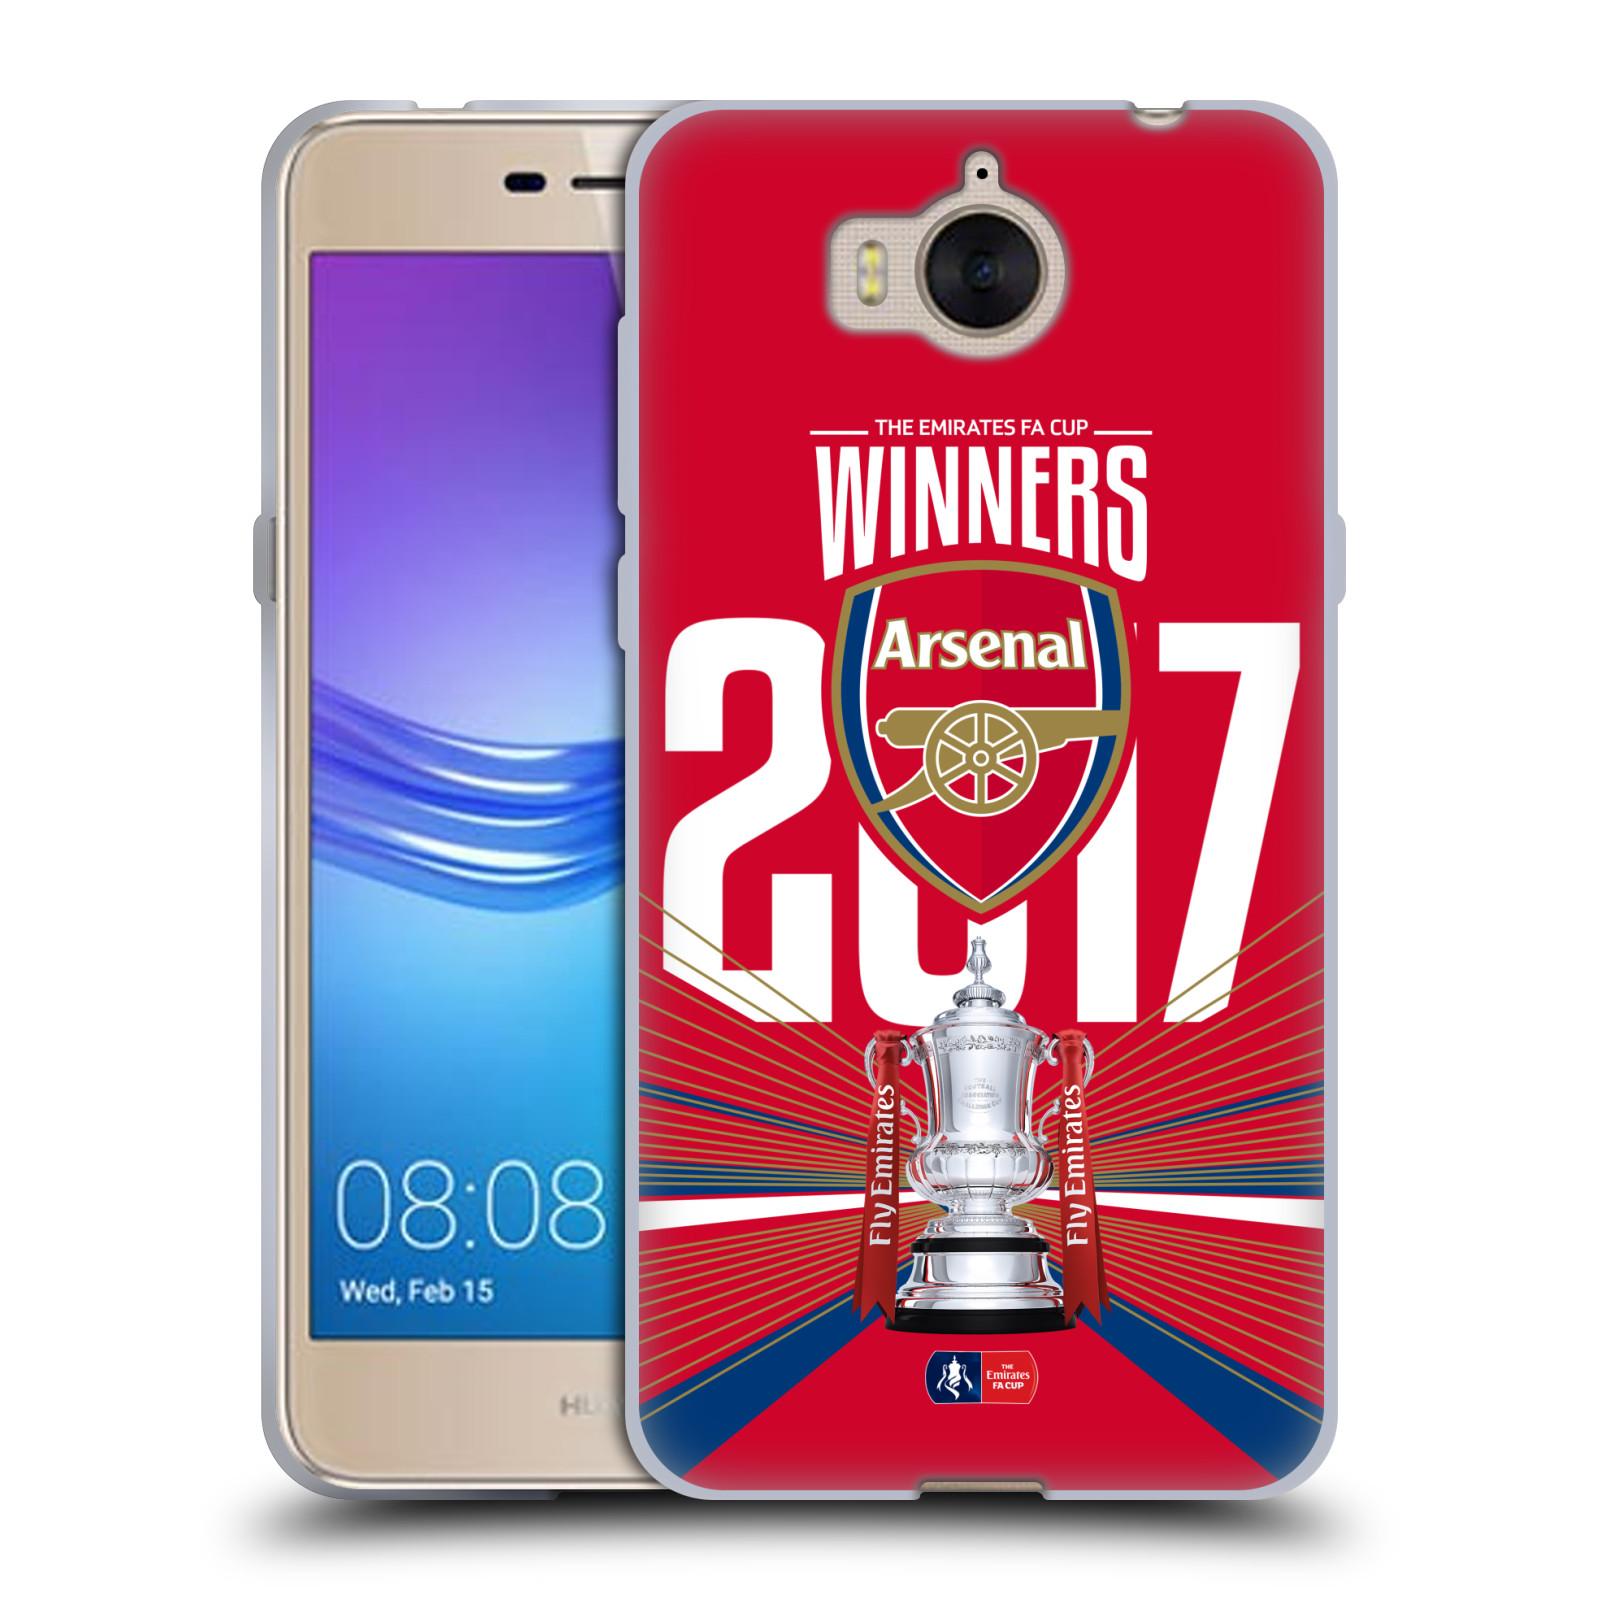 Silikonové pouzdro na mobil Huawei Y6 2017 - Head Case - Arsenal FC - Trophy